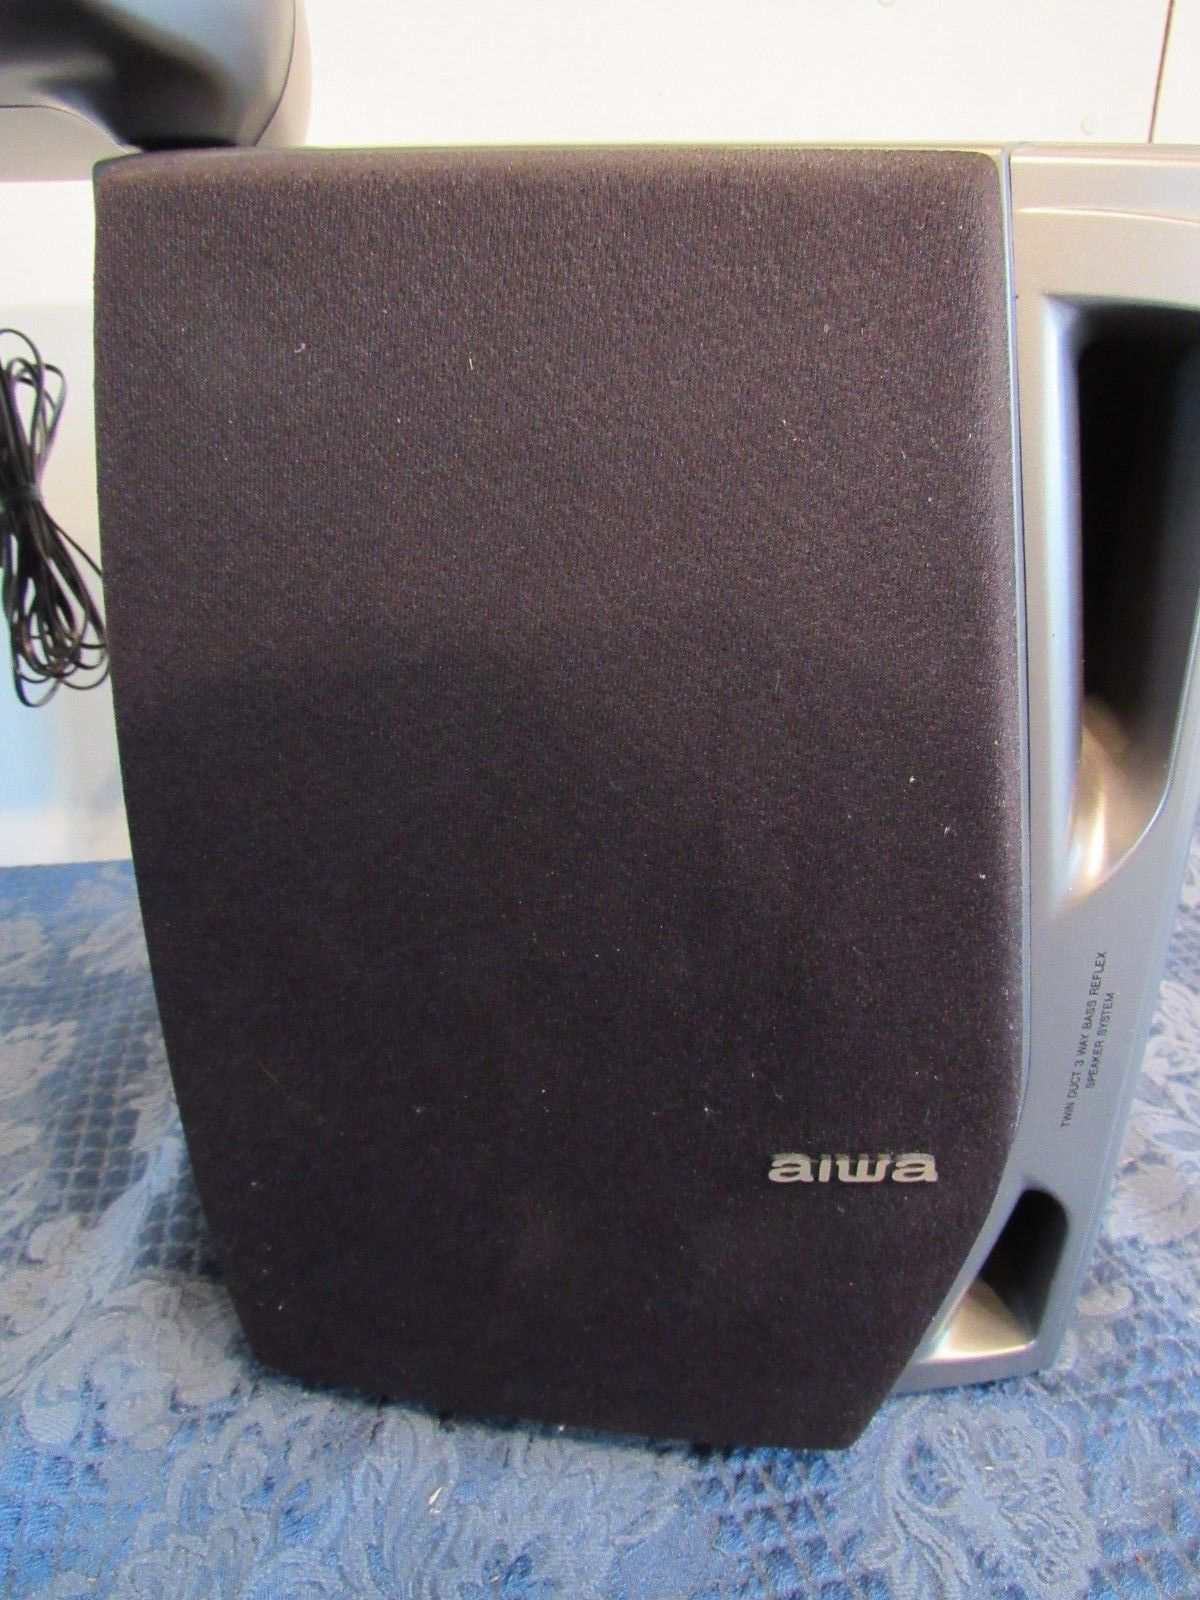 AIWA SX-NA74 SX C400 Speakers Lot Tested